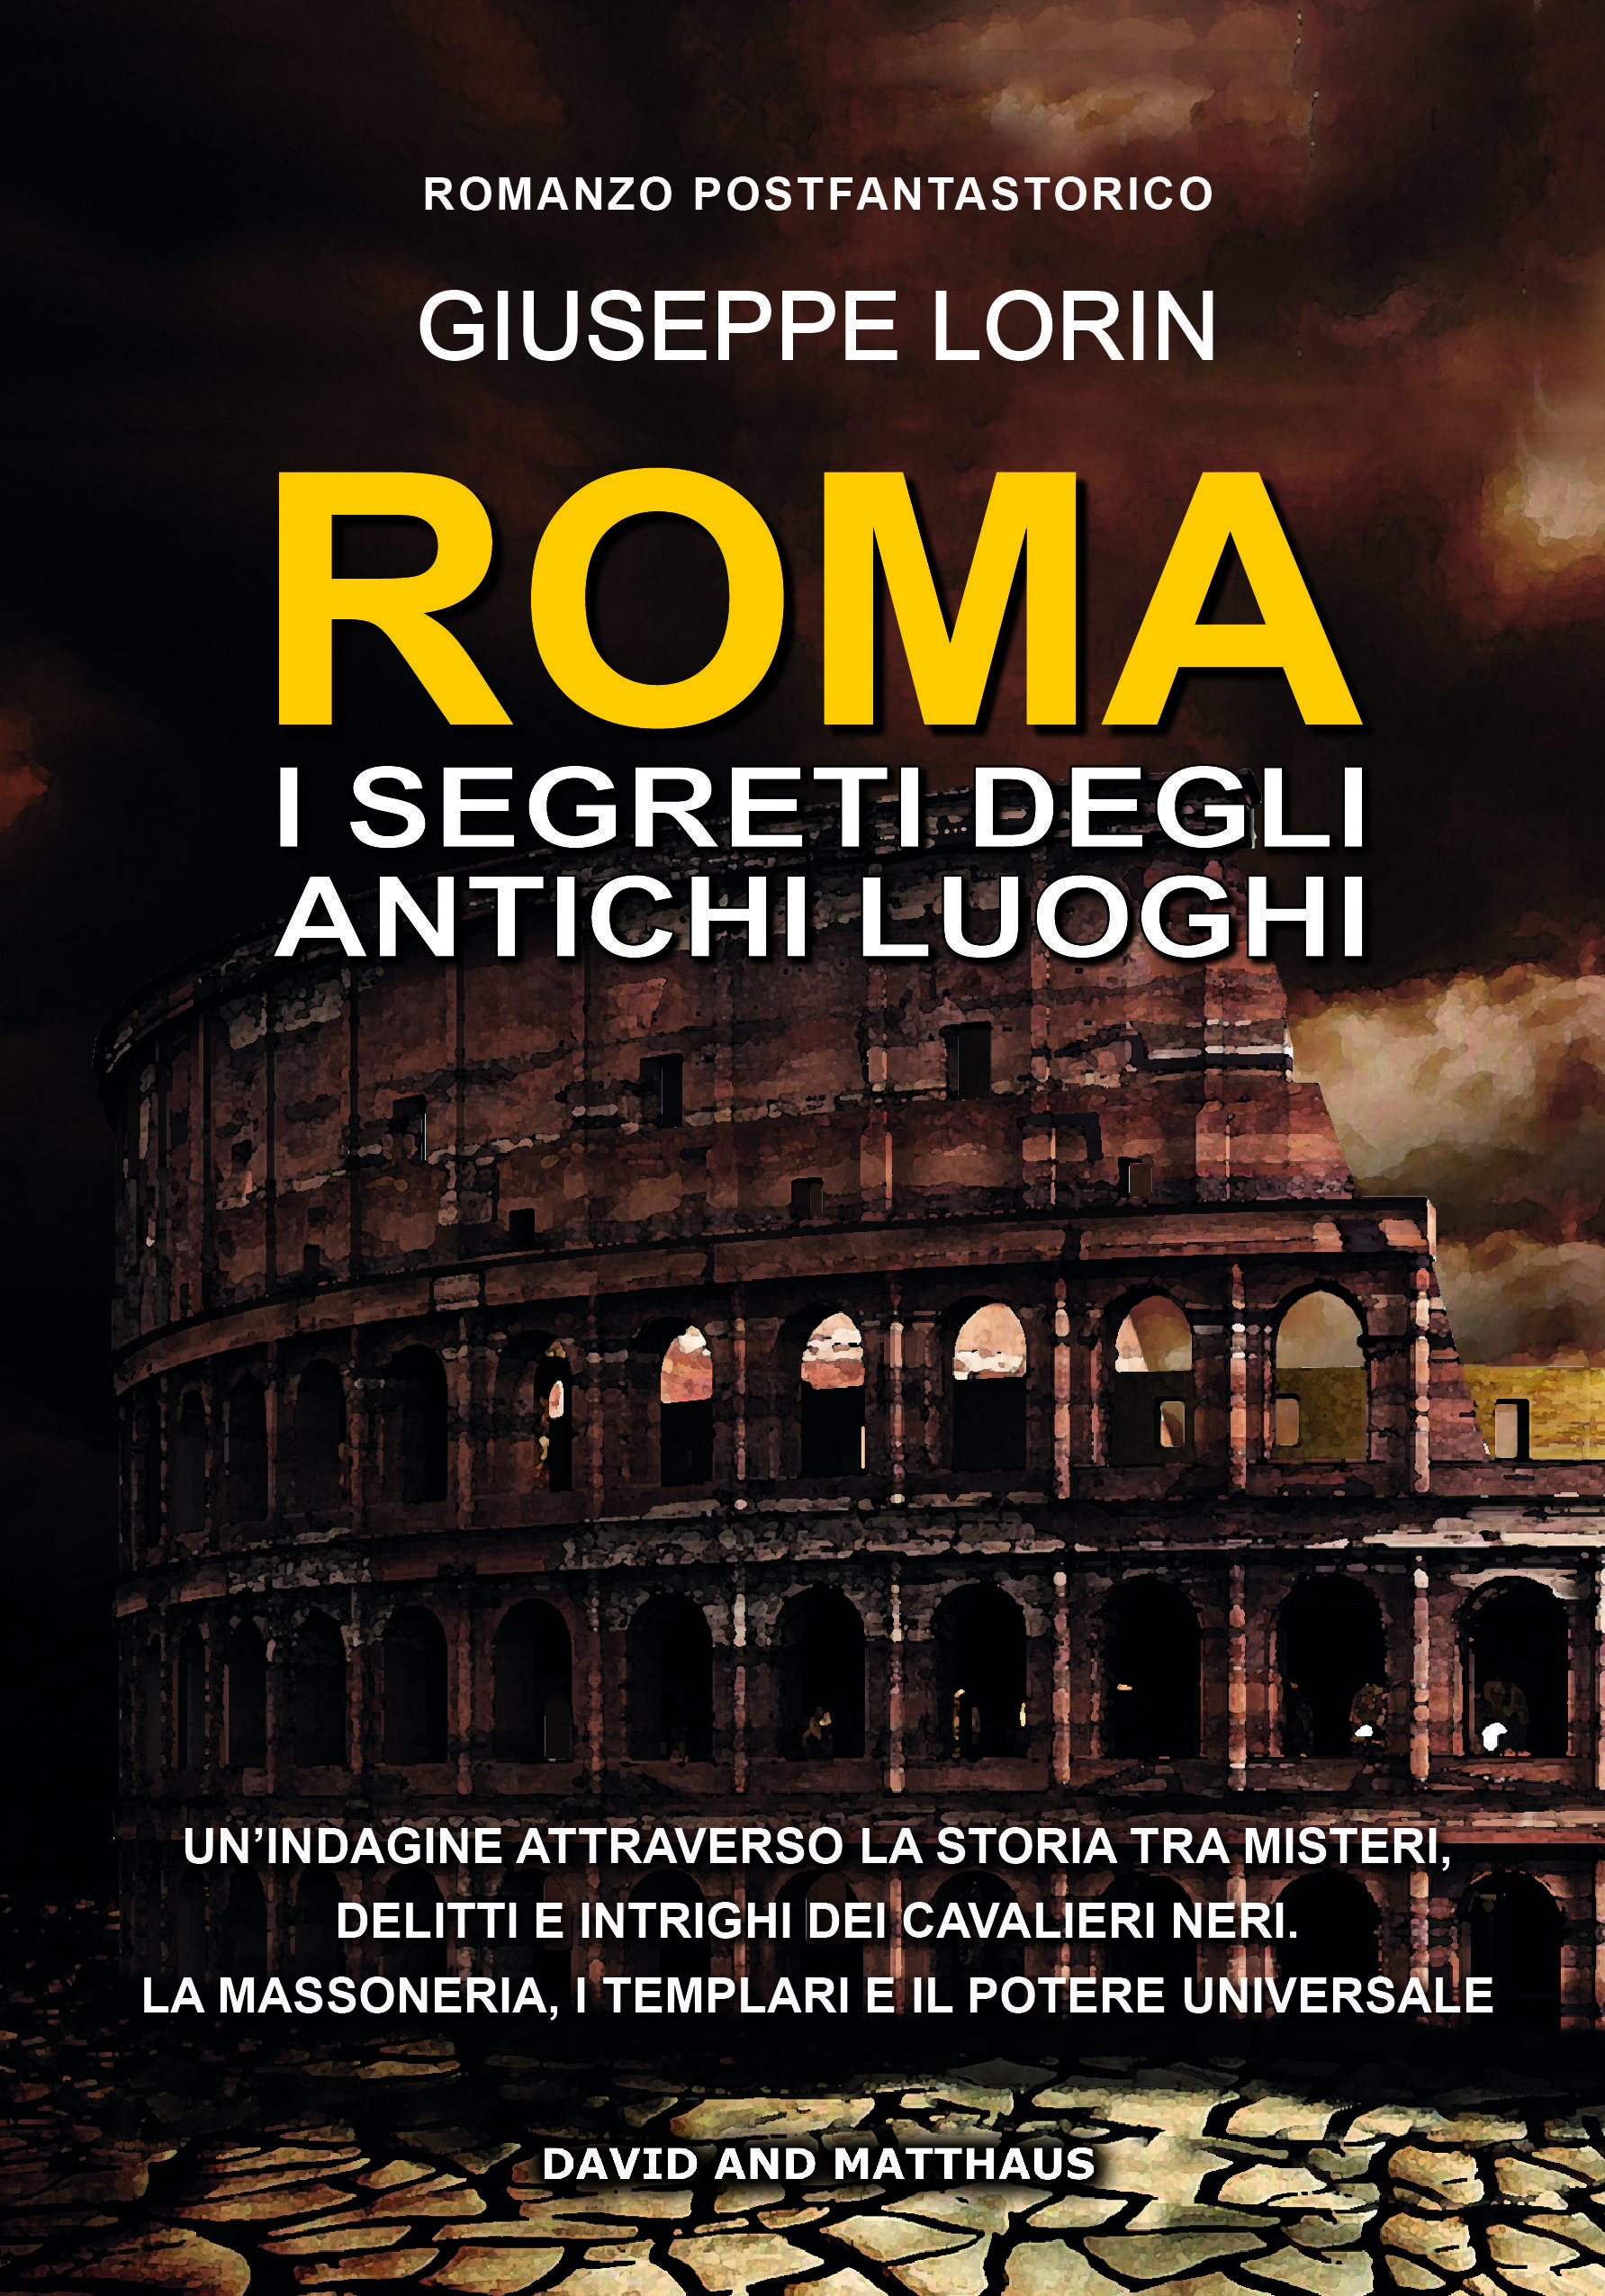 Roma, i segreti degli antichi luoghi. Recensione di Lucia Izzo.